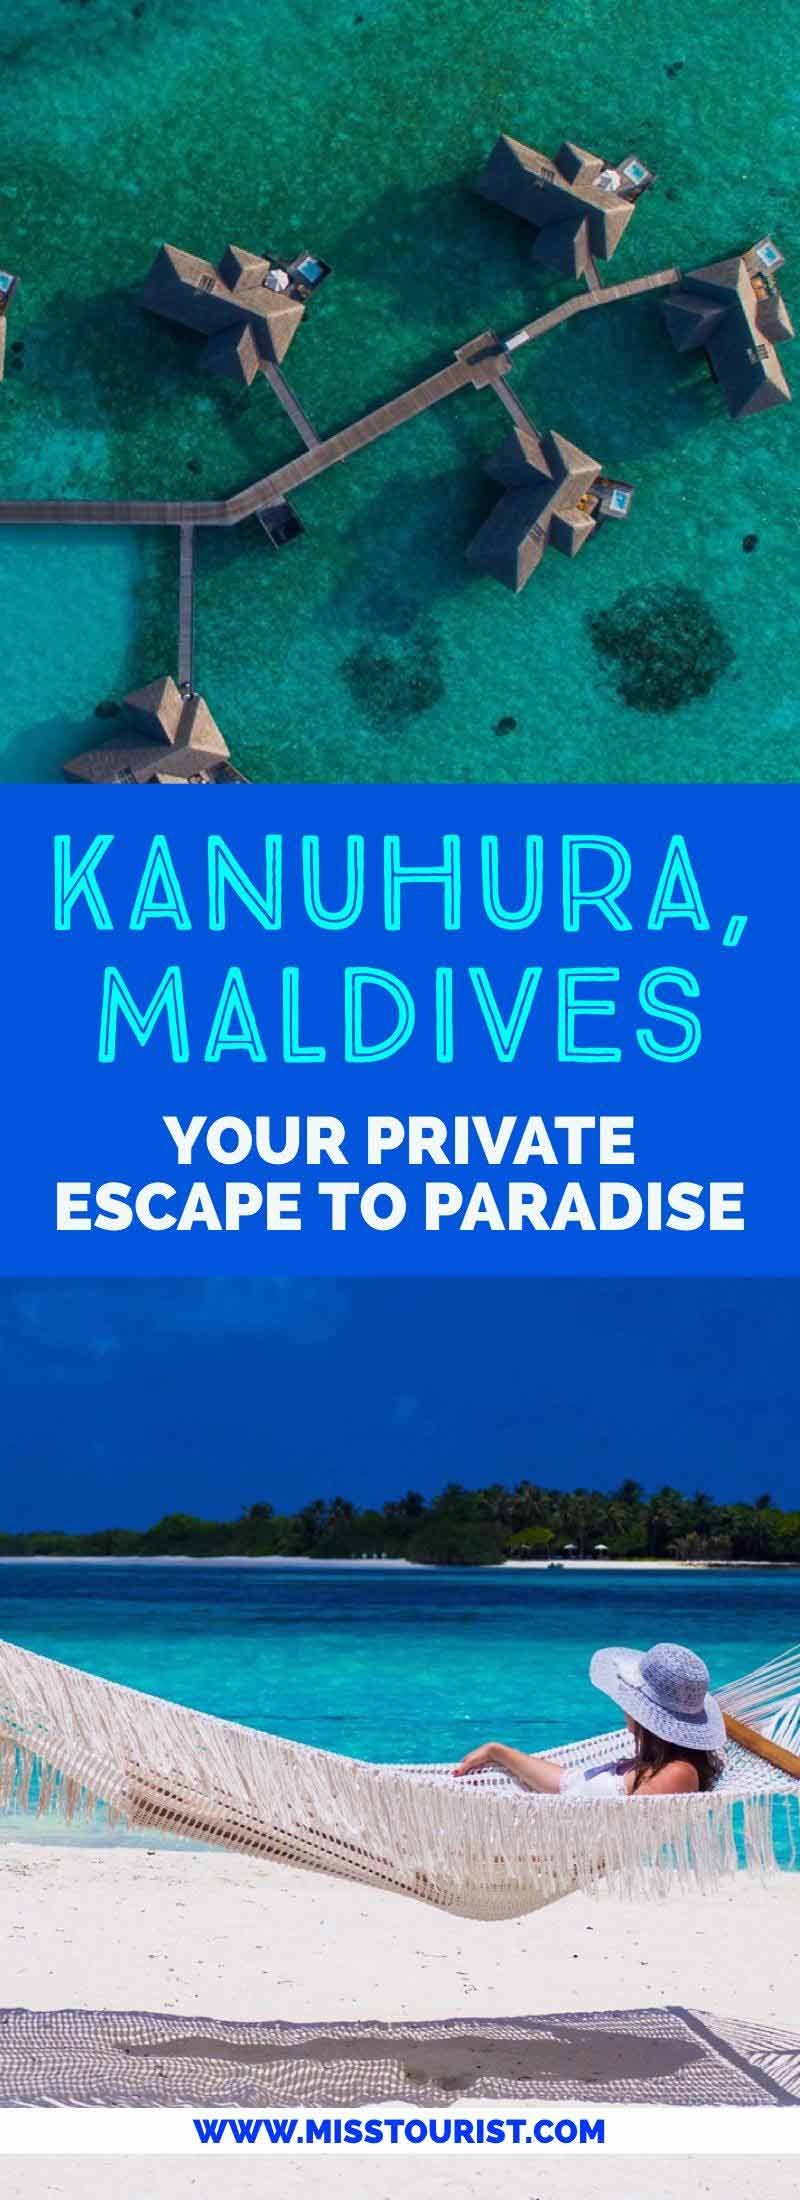 kanuhura maldive